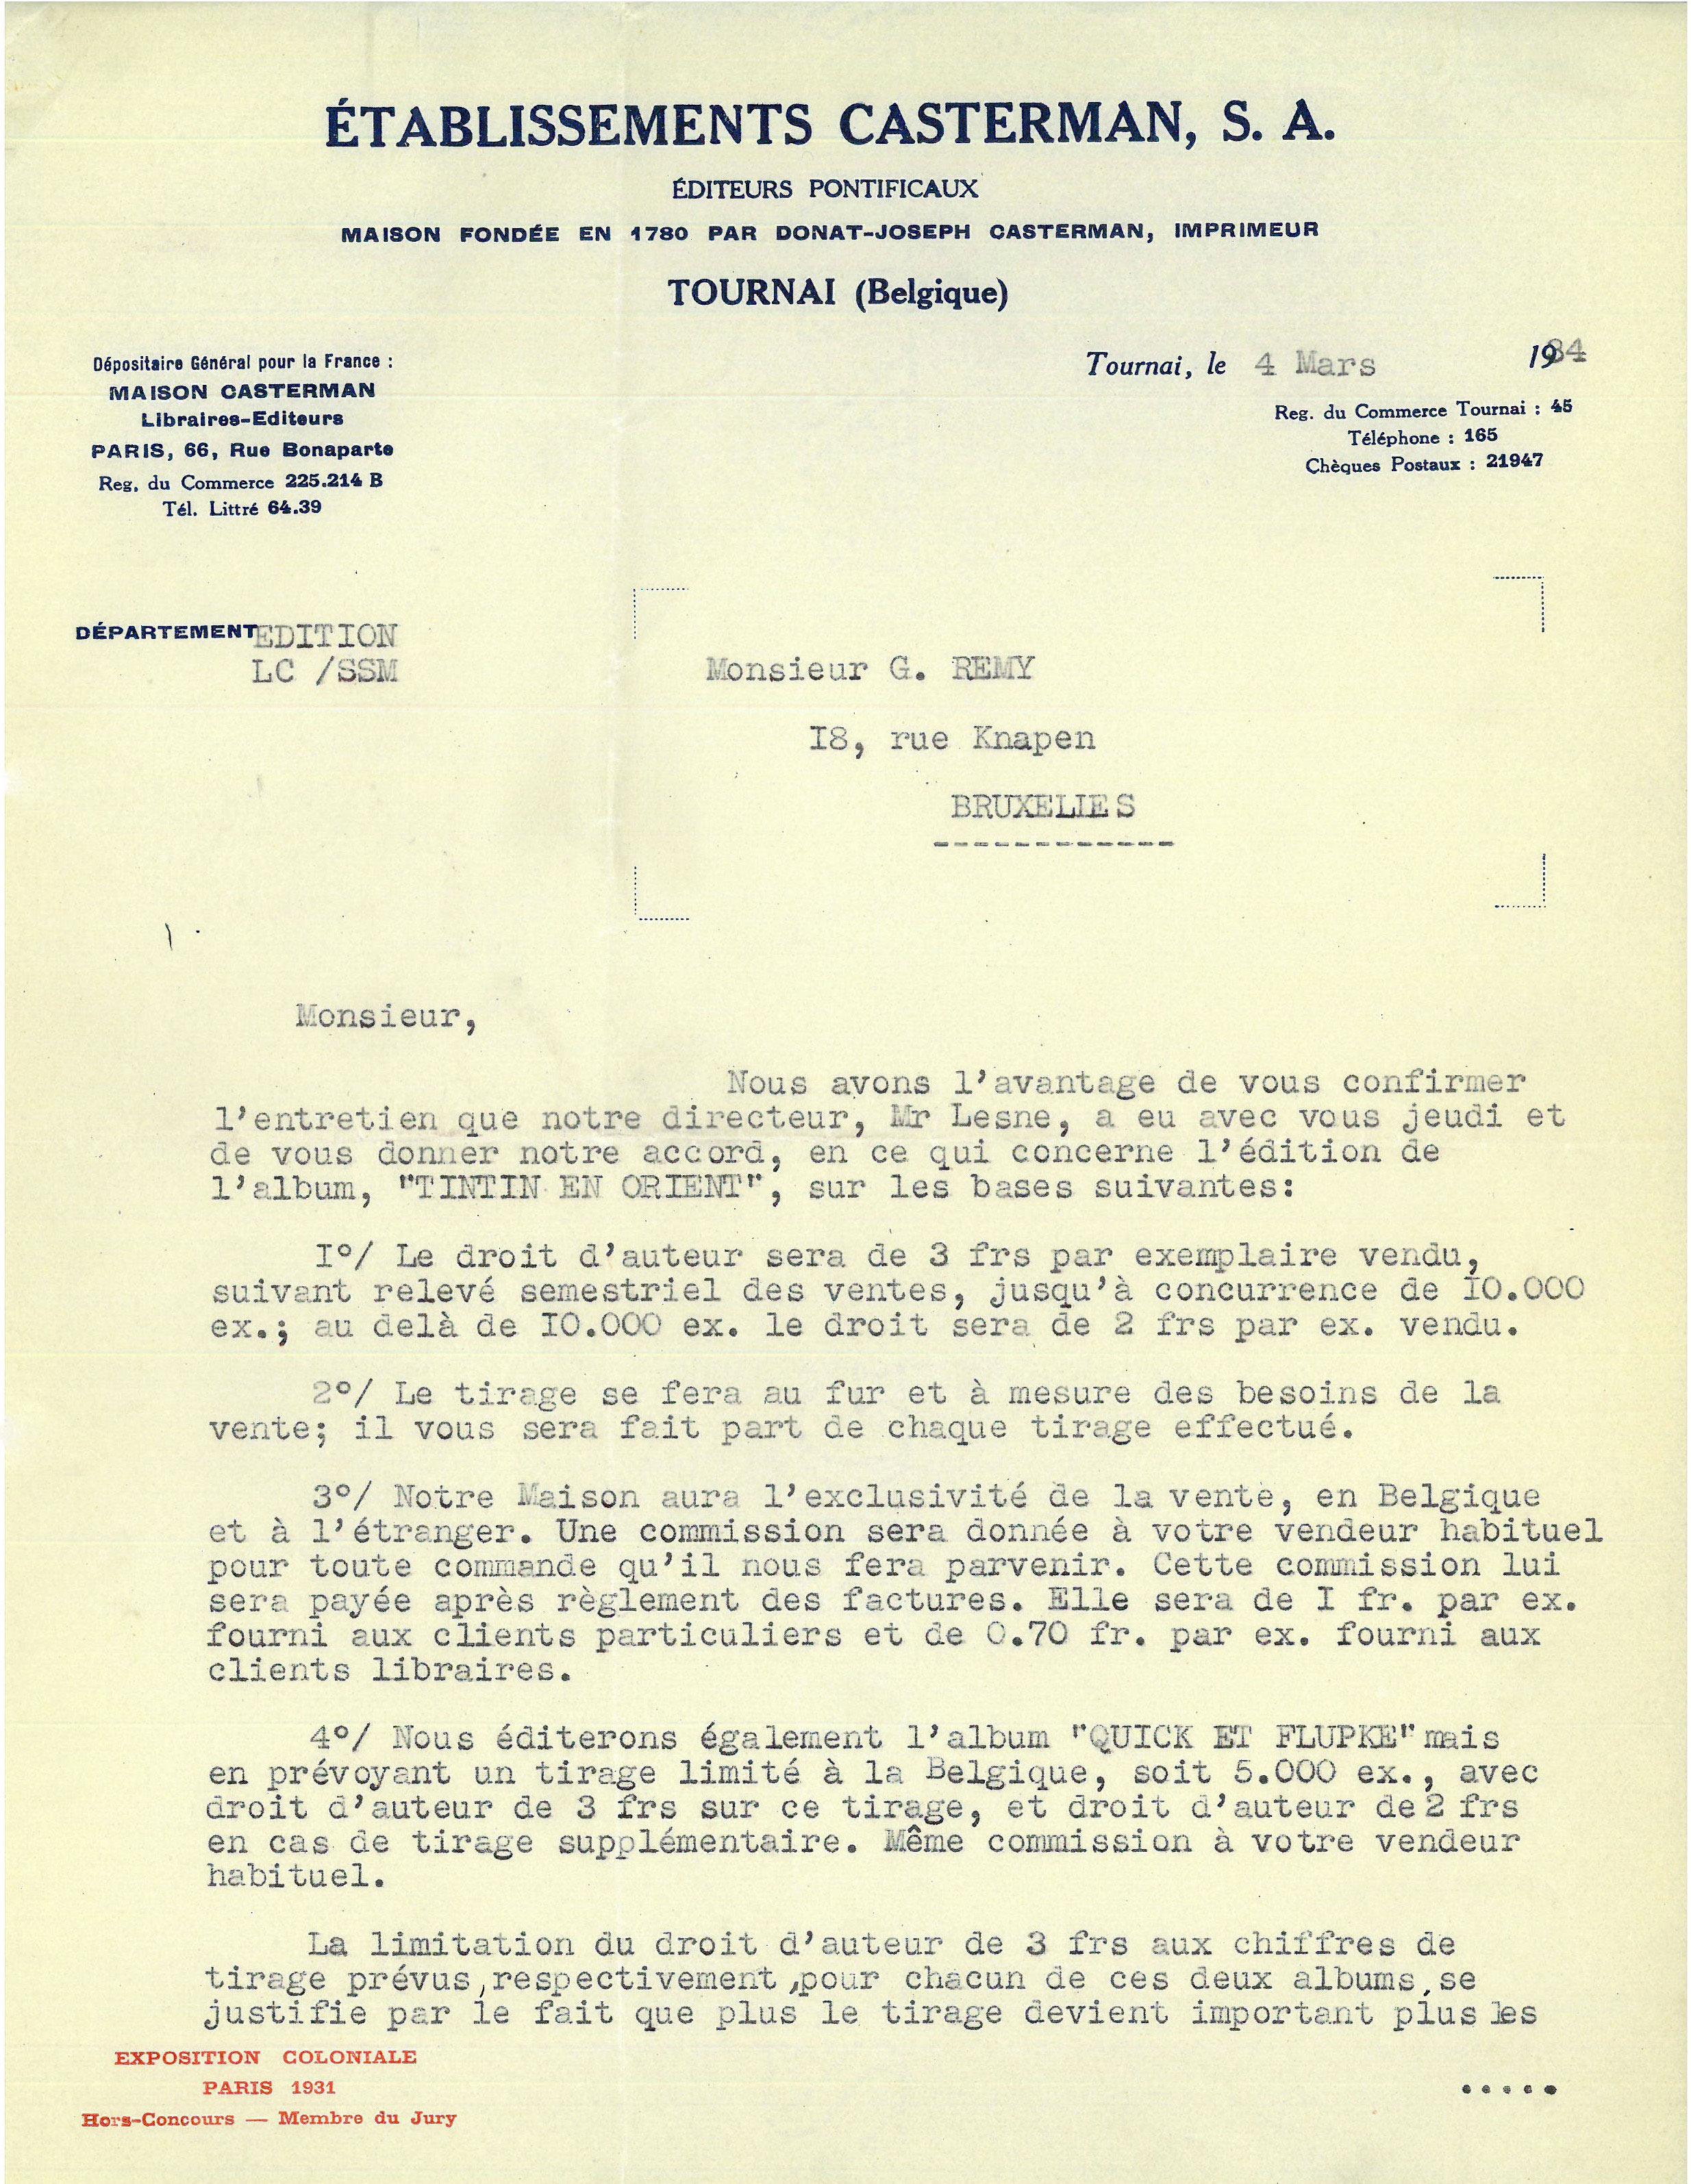 Hergé lettre de proposition de collaboration avec Casterman